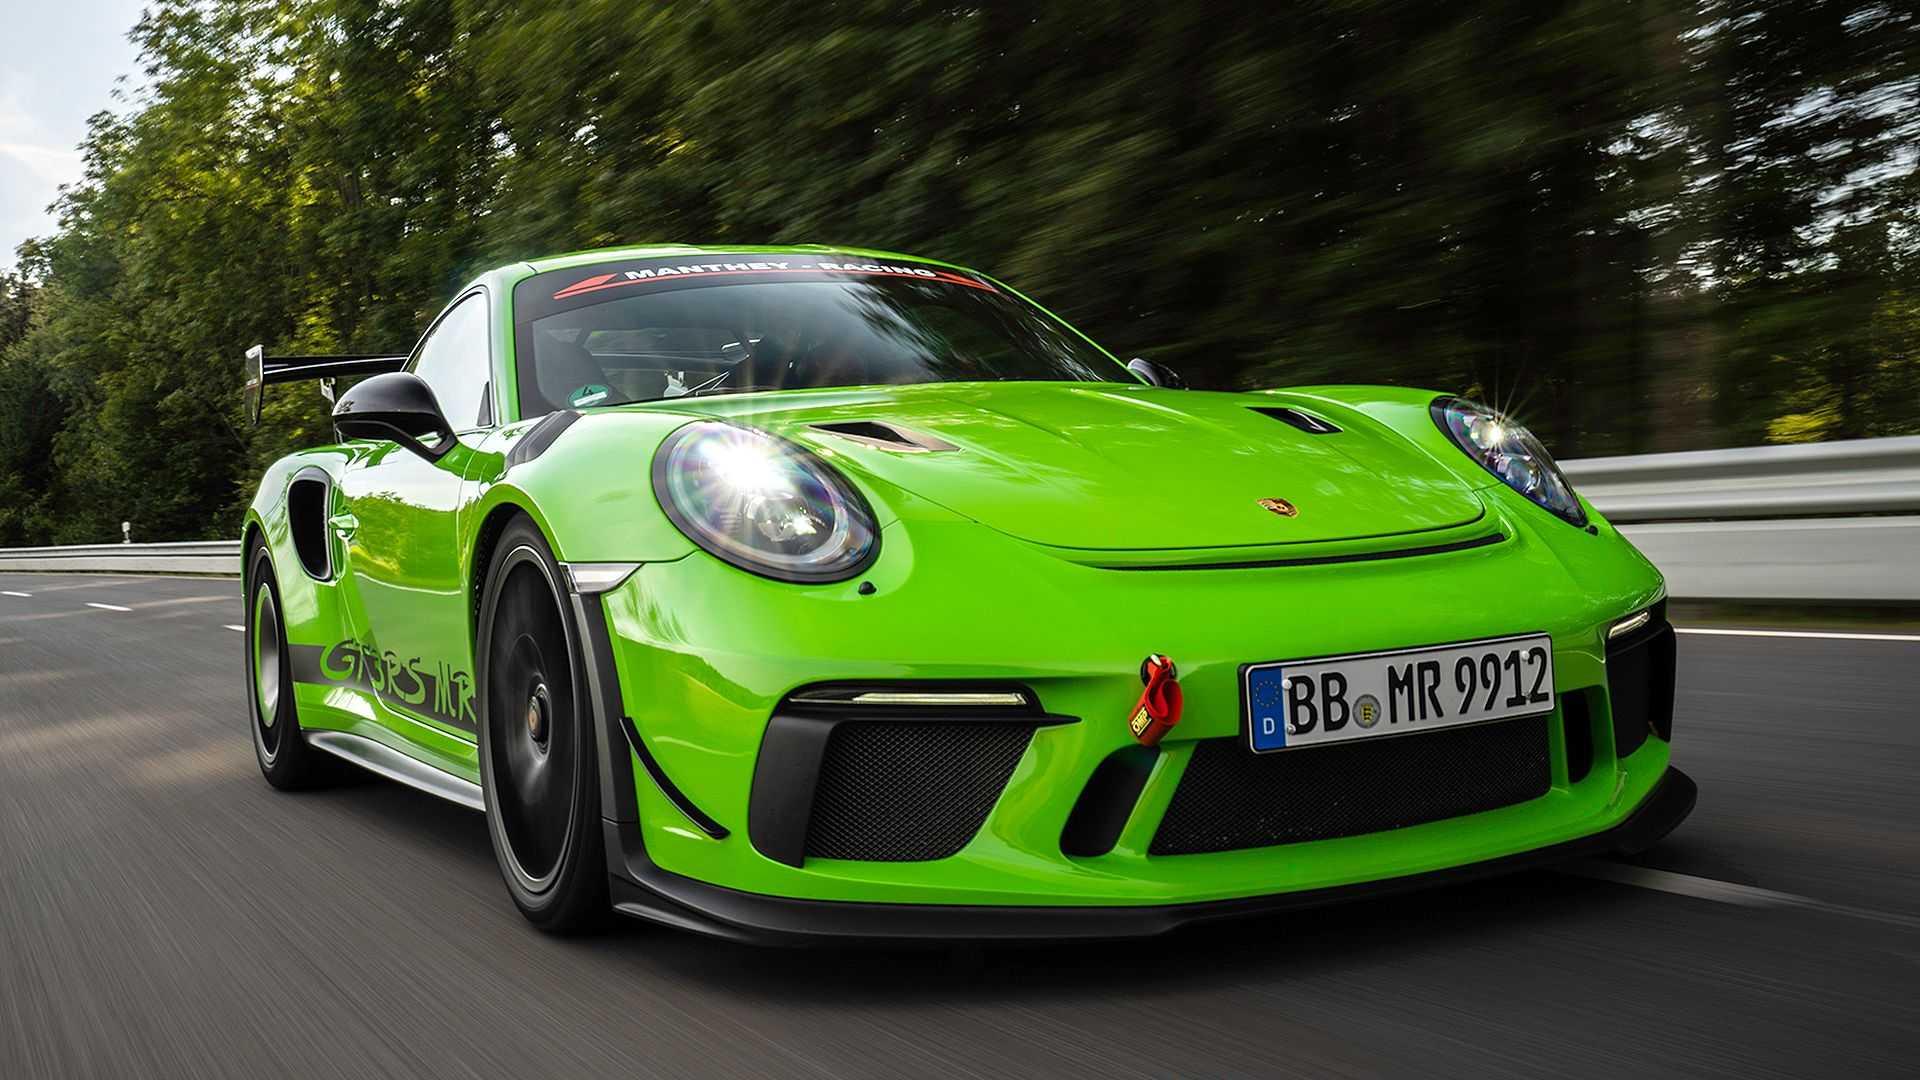 Manthey-Racing modifica el Porsche 911 GT3 RS